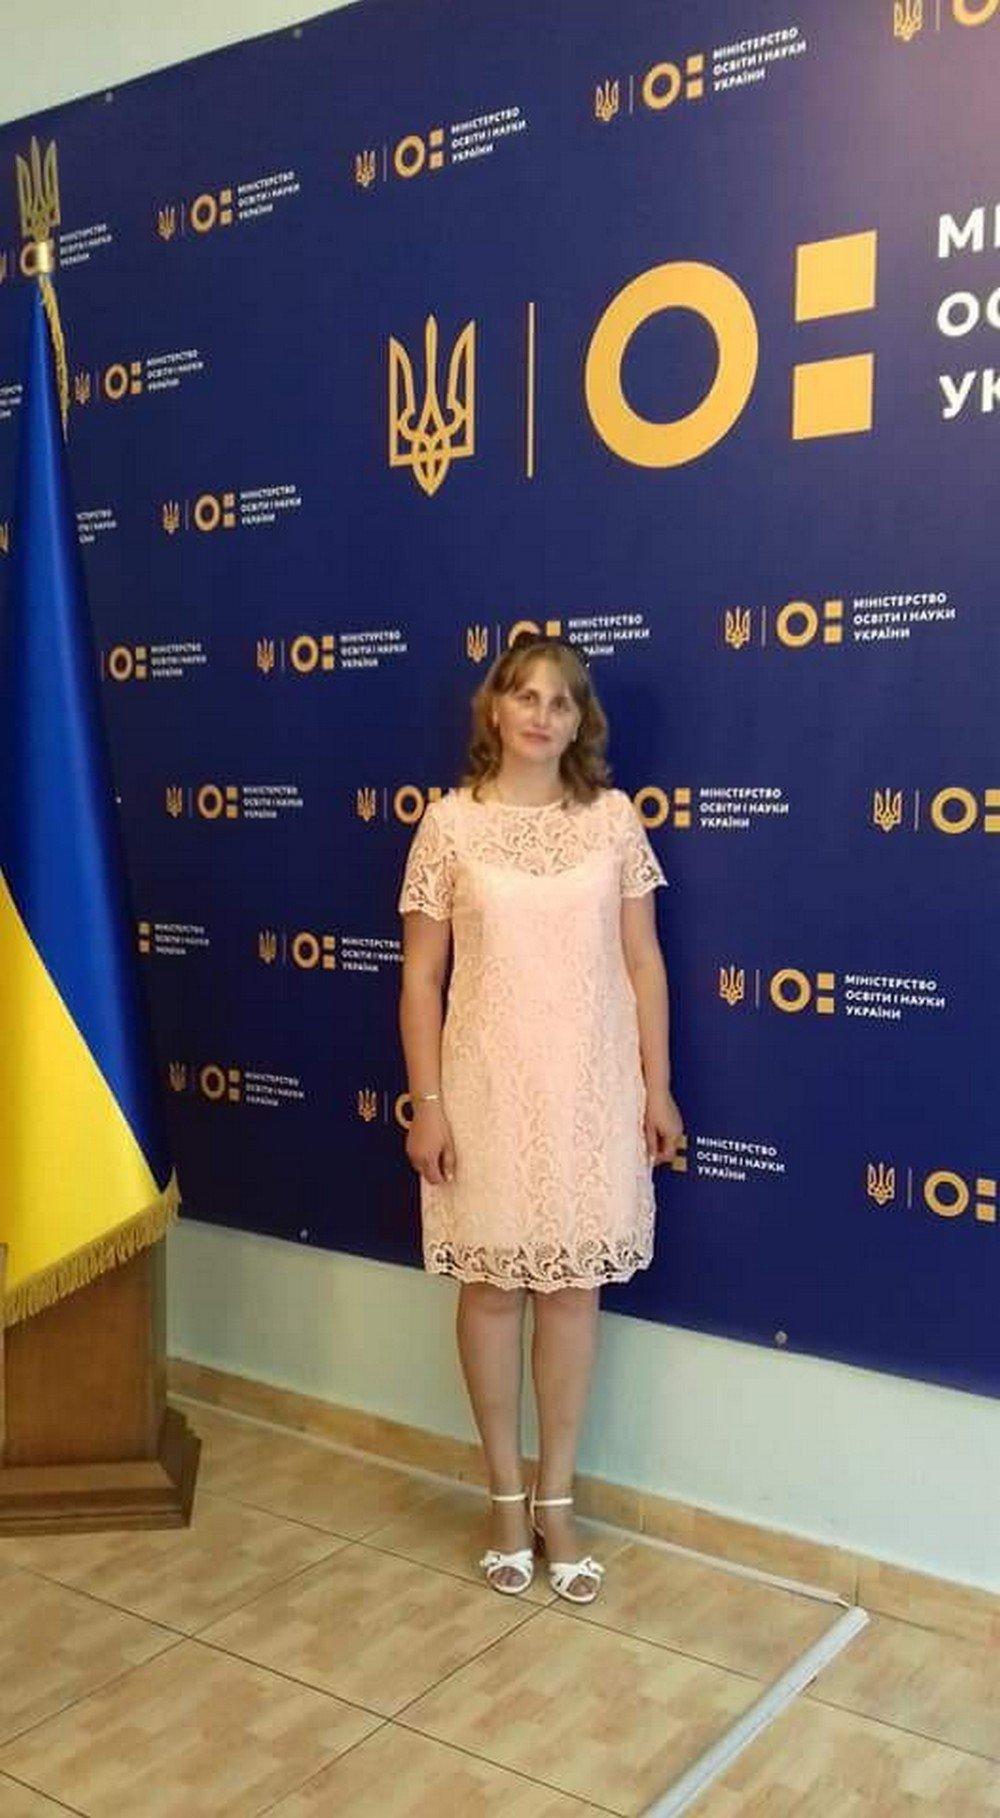 Кам'янчанка здобула срібло у фіналі Всеукраїнського конкурсу закладів позашкільної освіти, фото-4